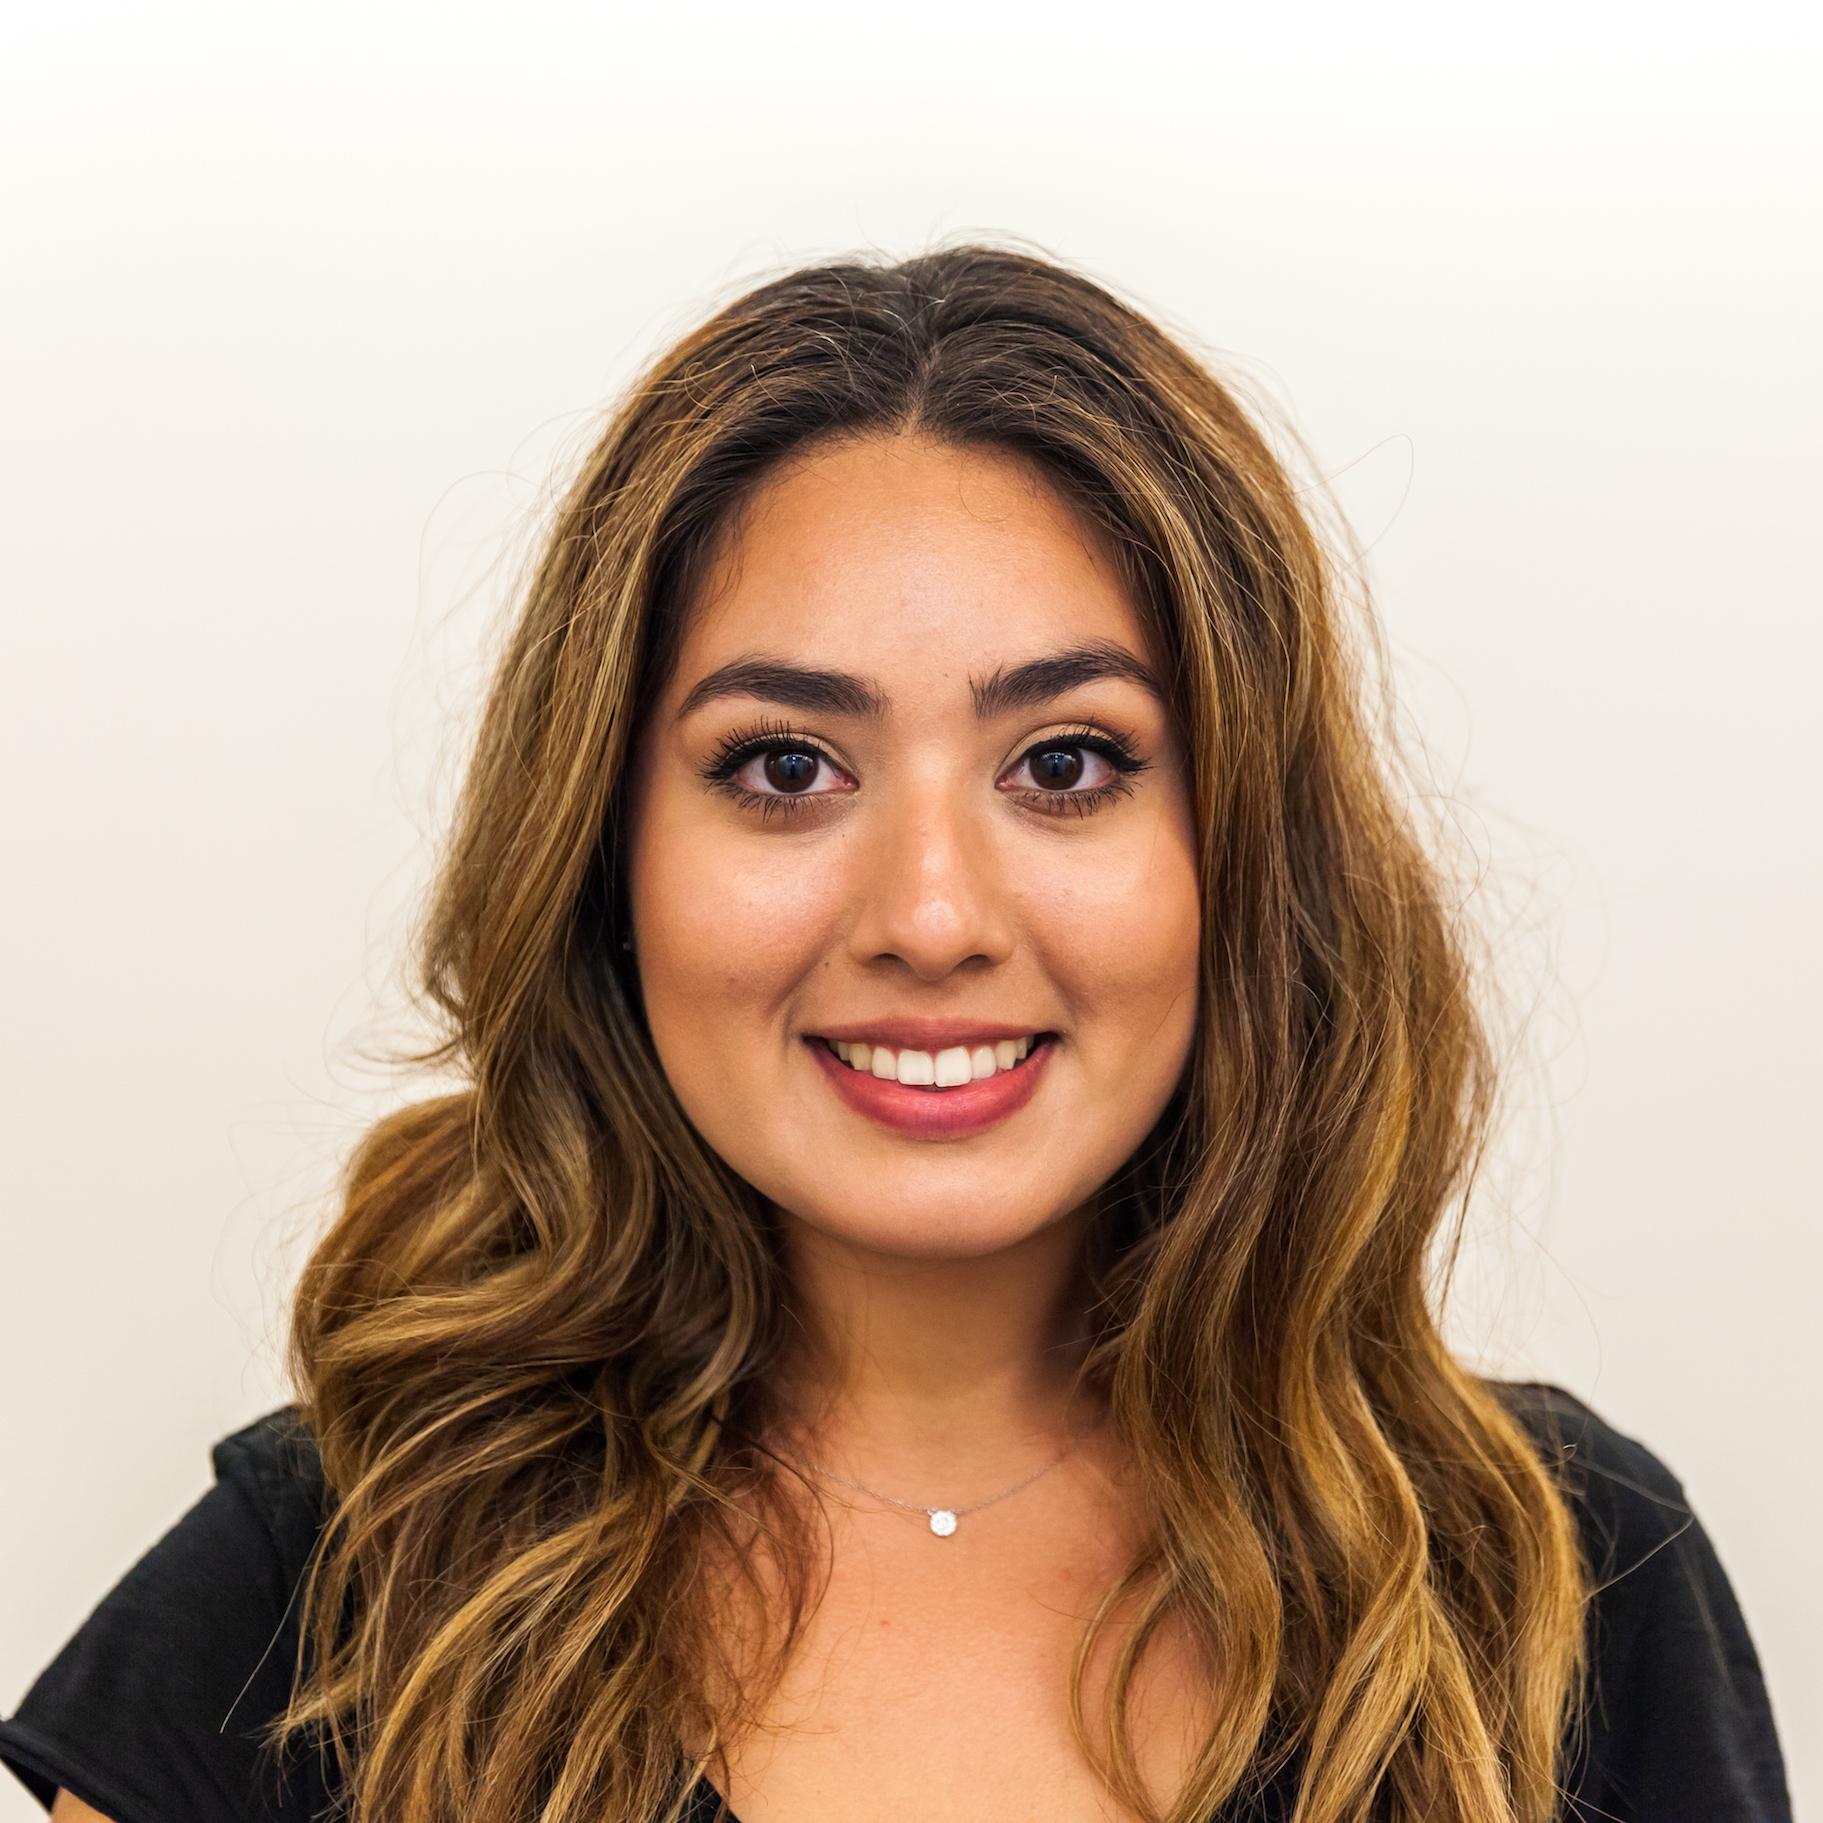 Carolina Olivares : Managing Editor